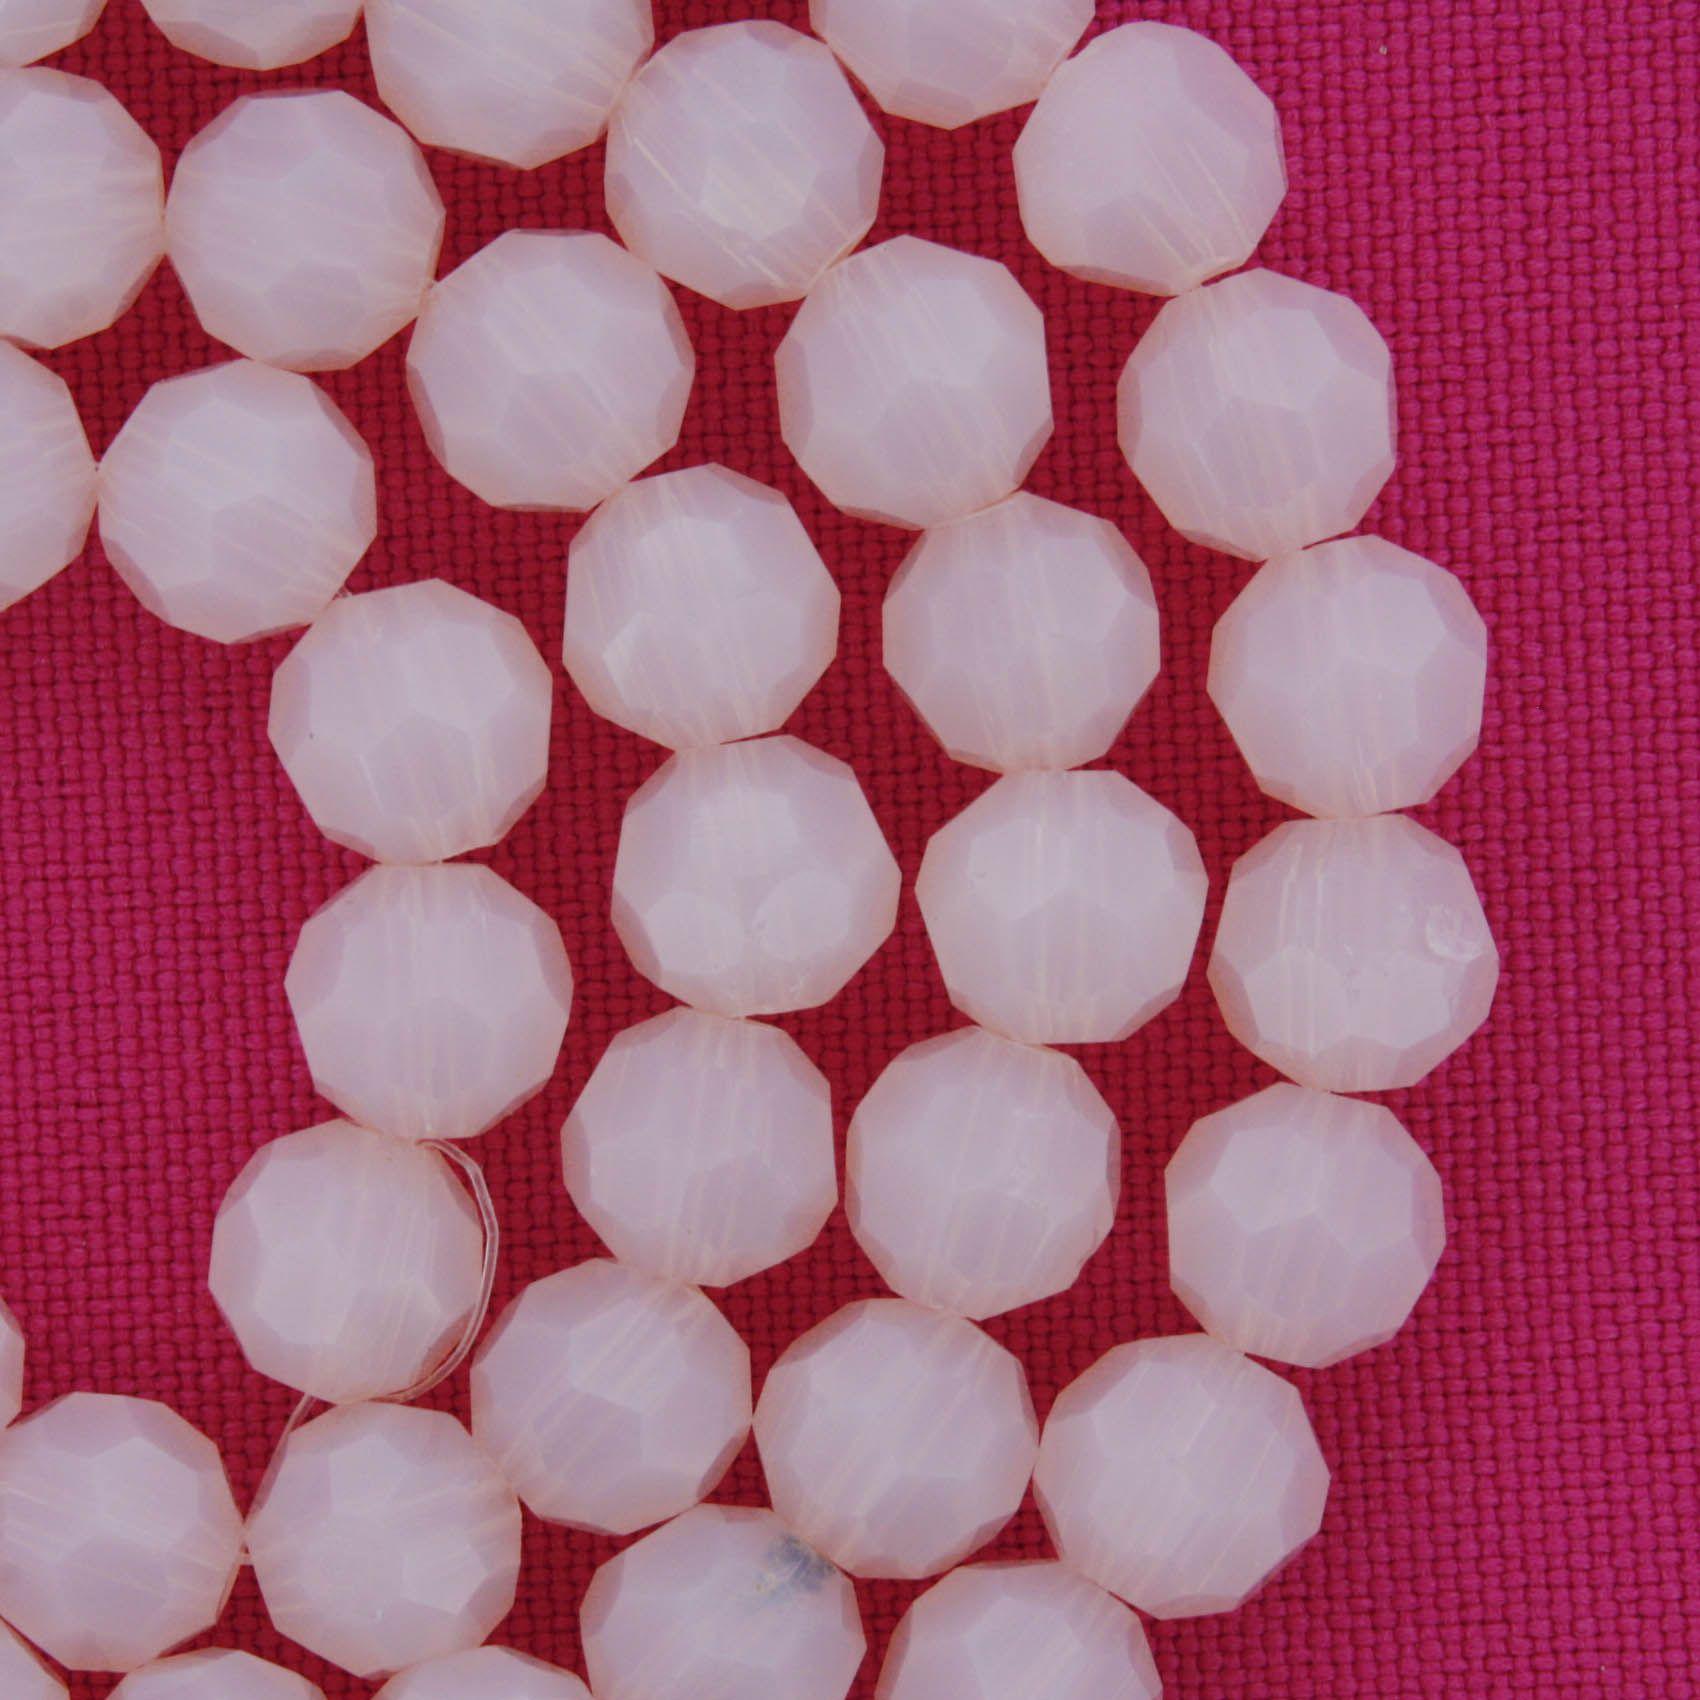 Fio de Cristal - Premium® - Rosa - 8mm  - Stéphanie Bijoux® - Peças para Bijuterias e Artesanato